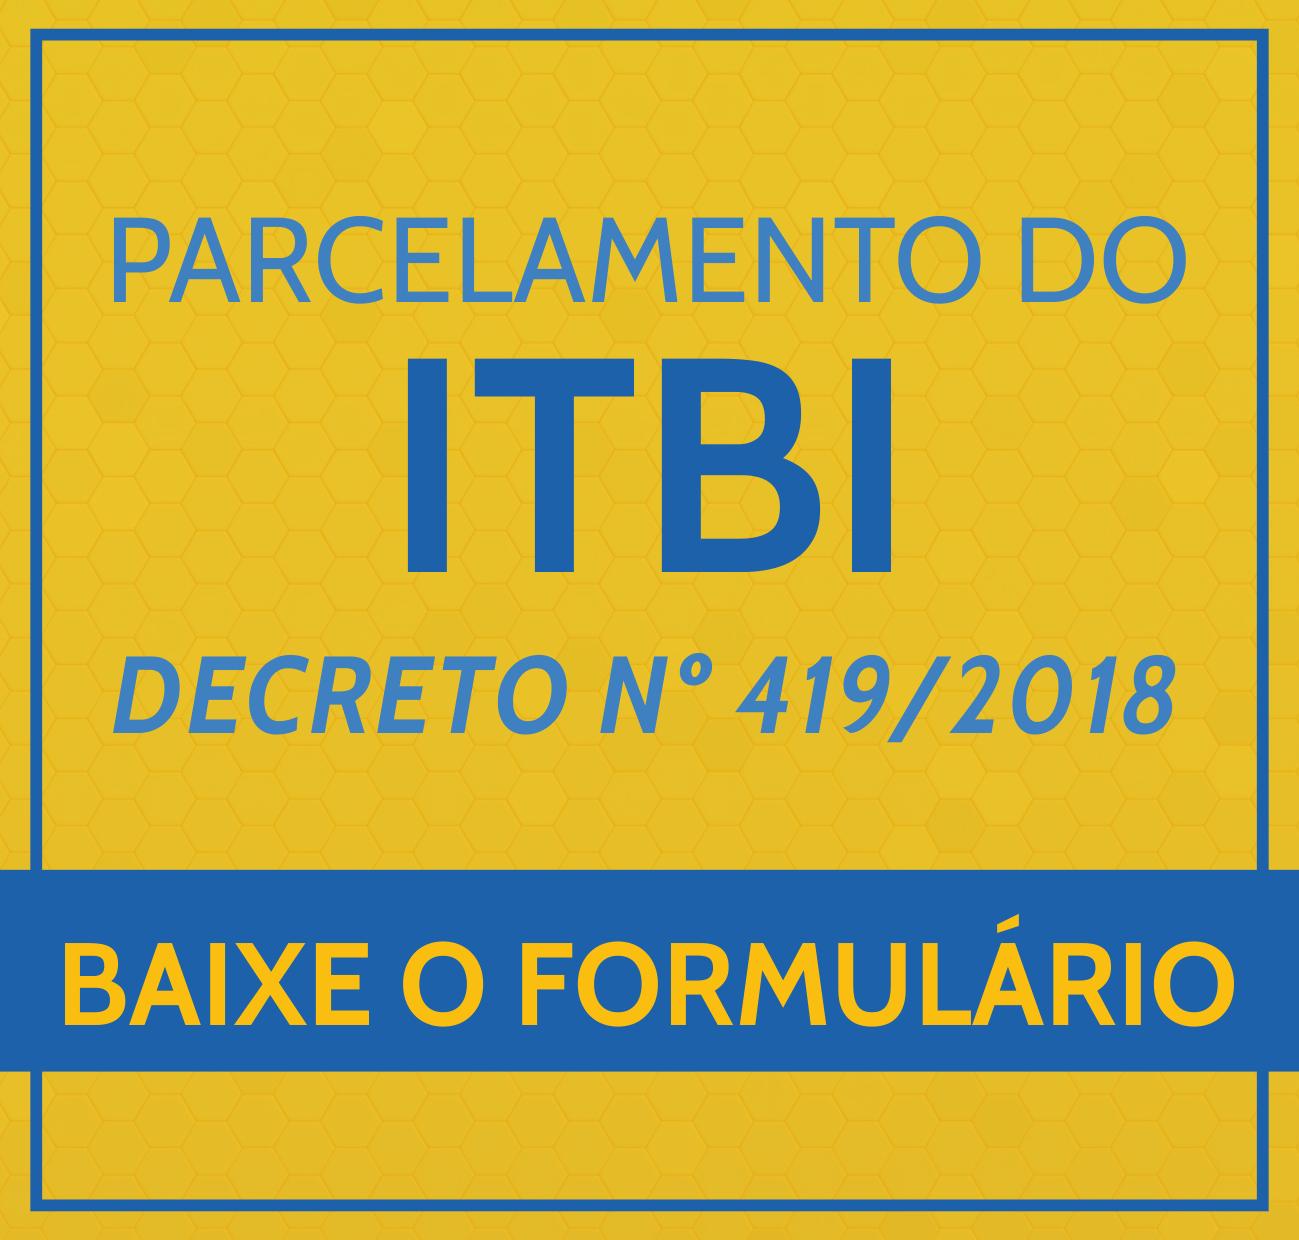 PARCELAMENTO DO ITBI